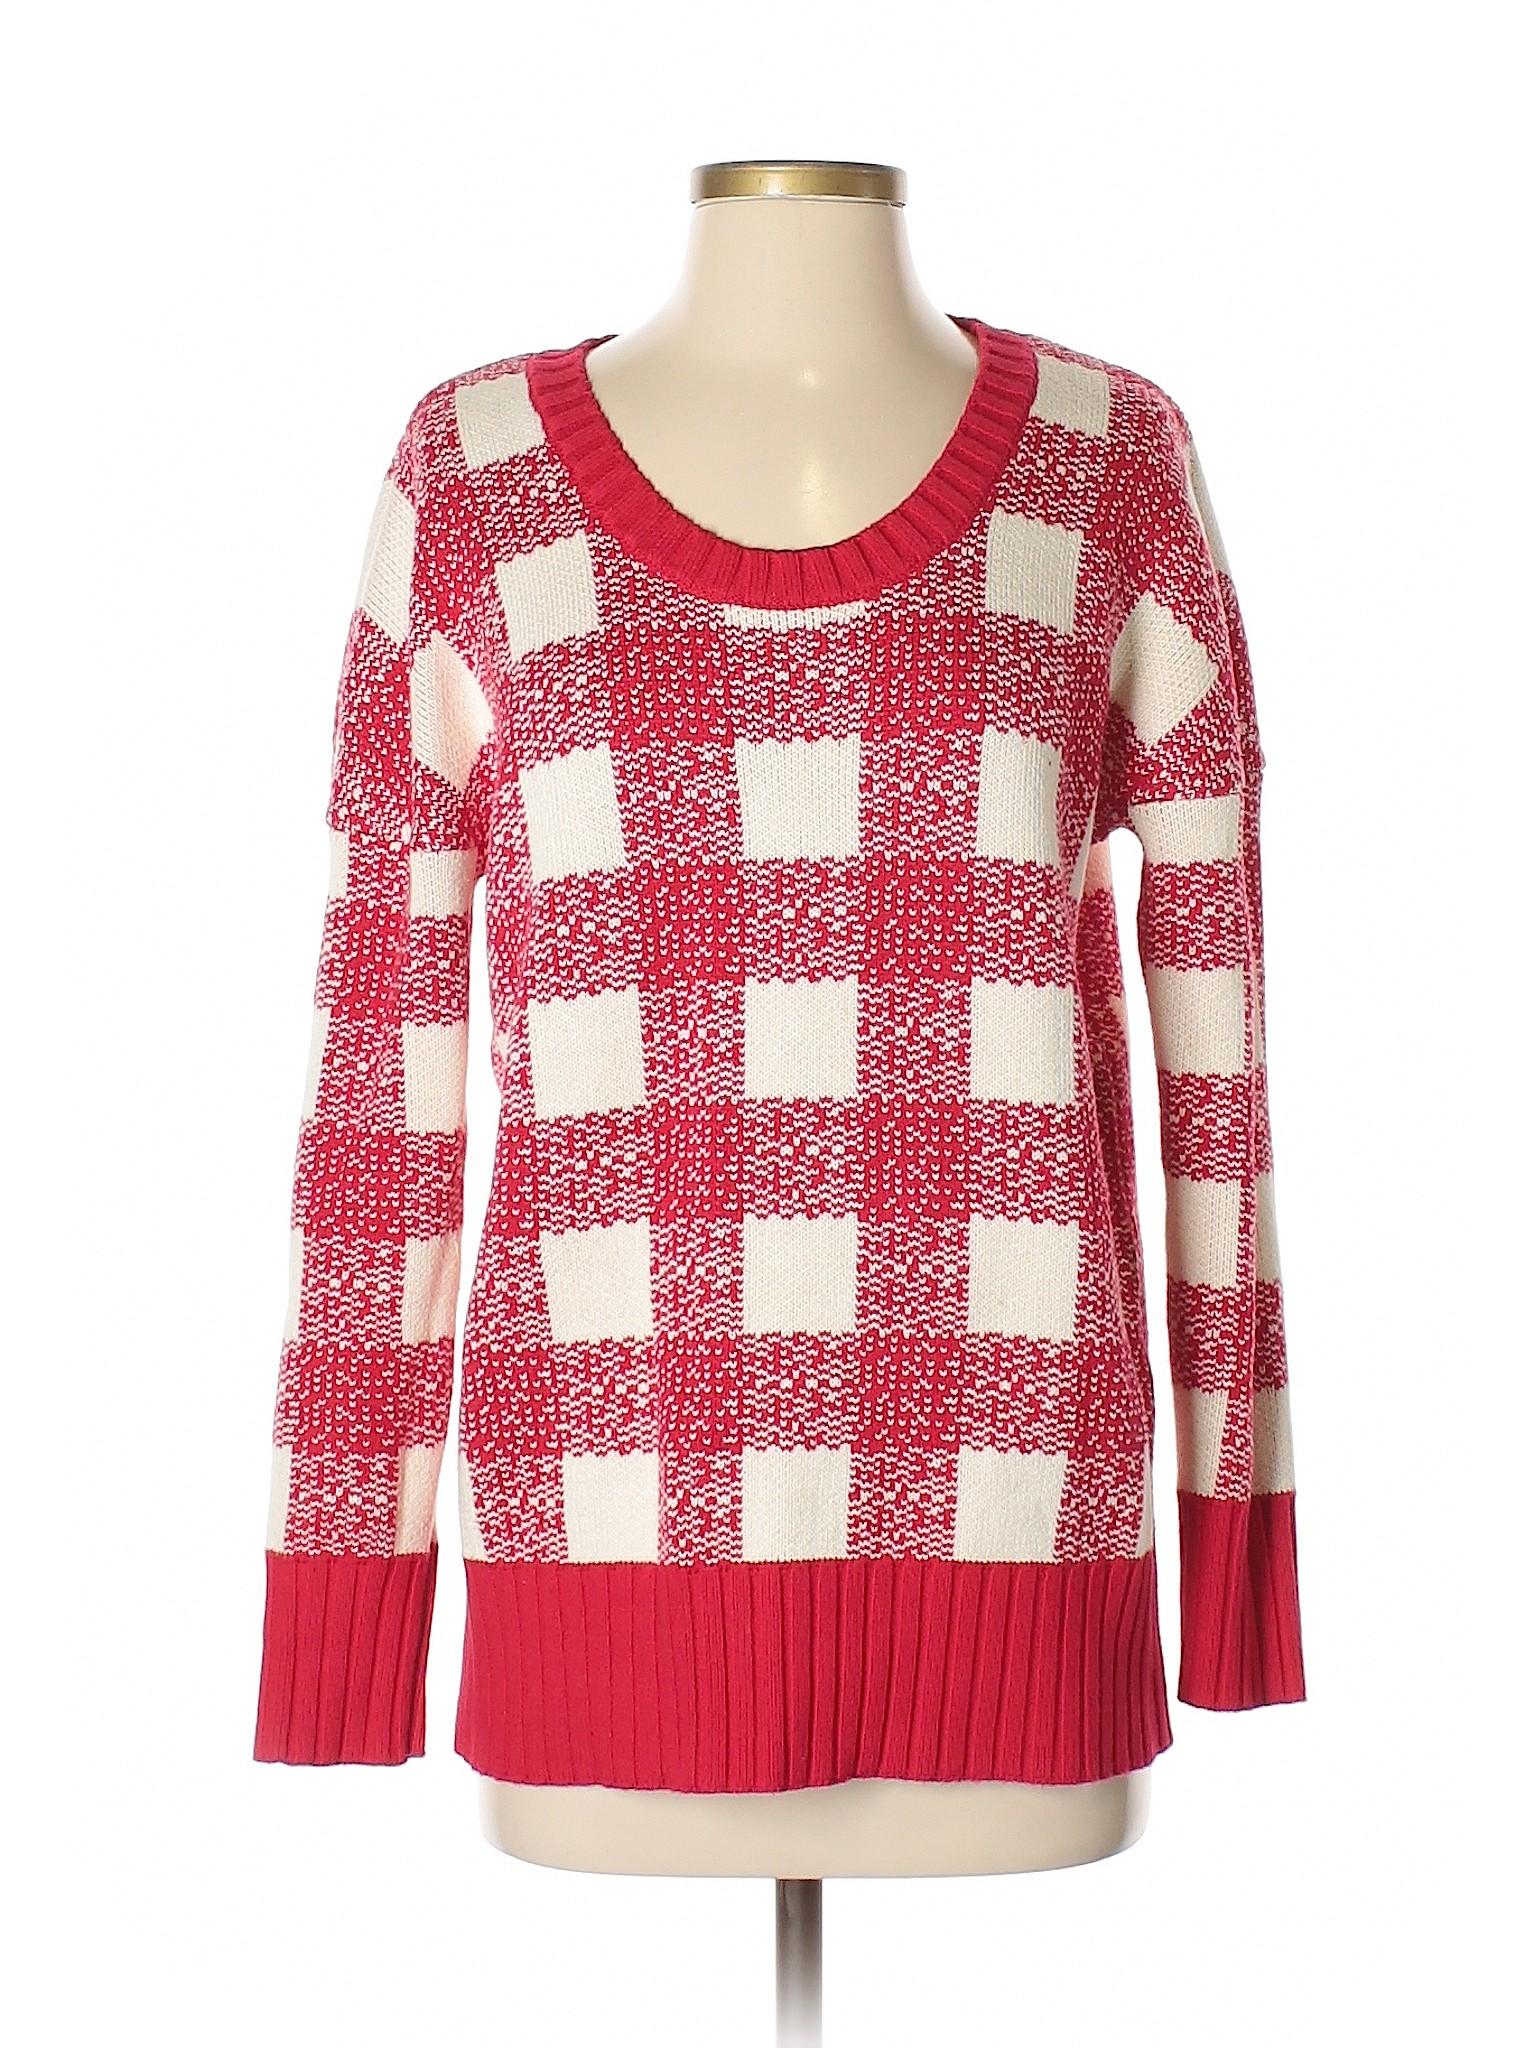 Boutique Sweater Sweater Boutique Boutique Hanna Hanna Love Love Pullover Pullover 1SqOvTn